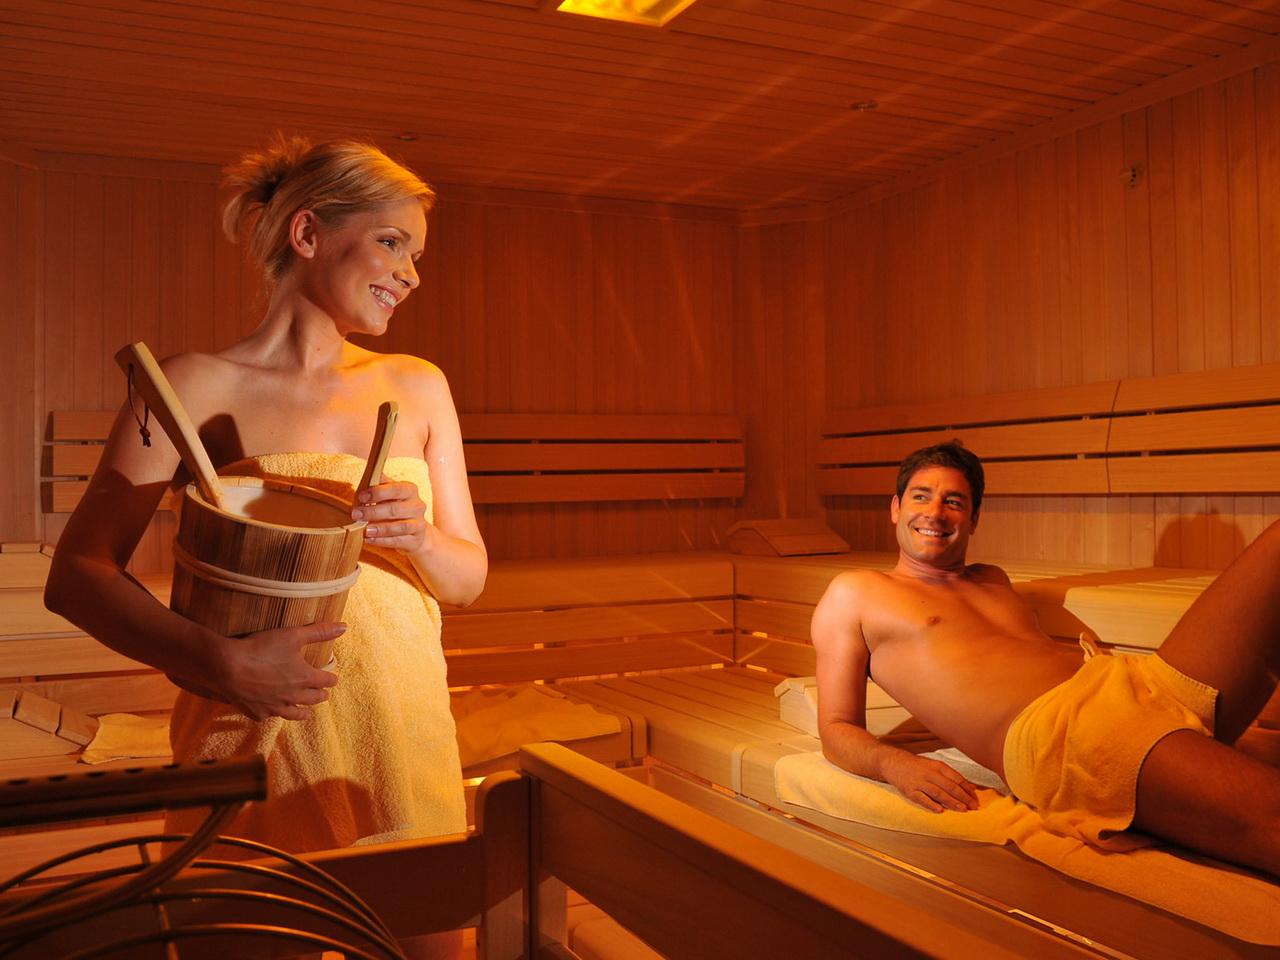 Русская баня девочки 13 фотография